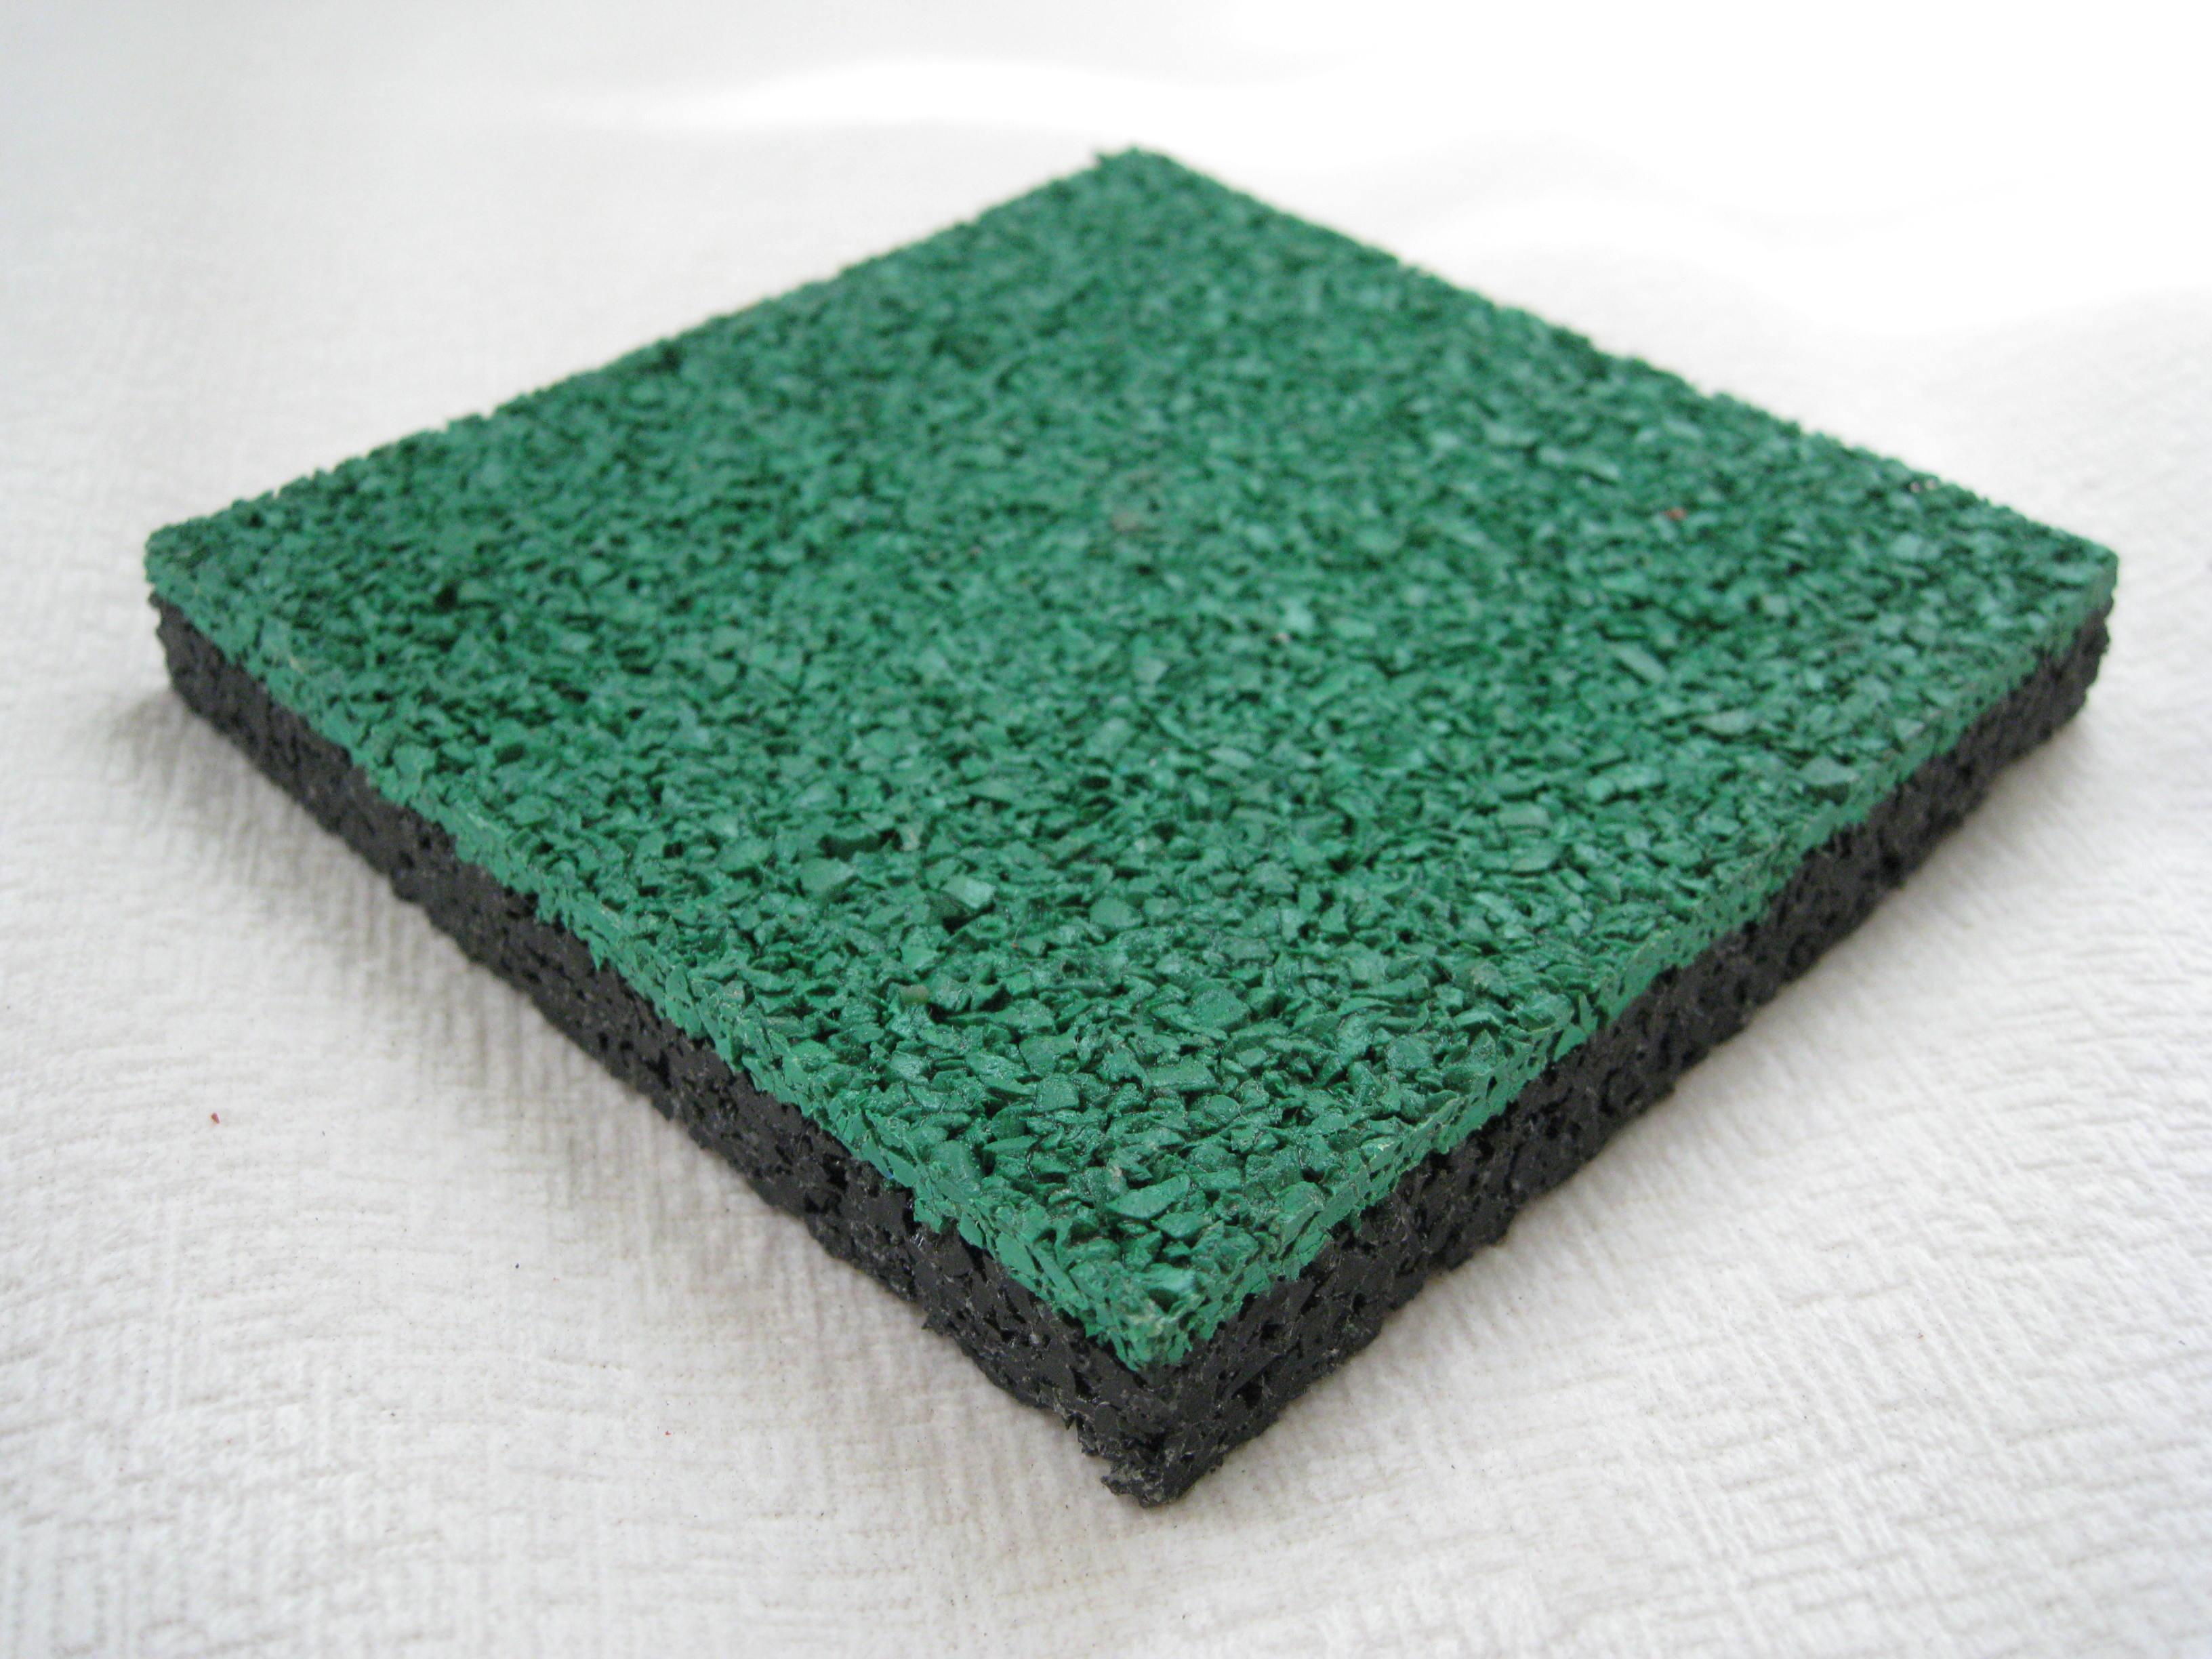 放整齐保持清洁塑胶跑道材料-堆放整齐保持清洁